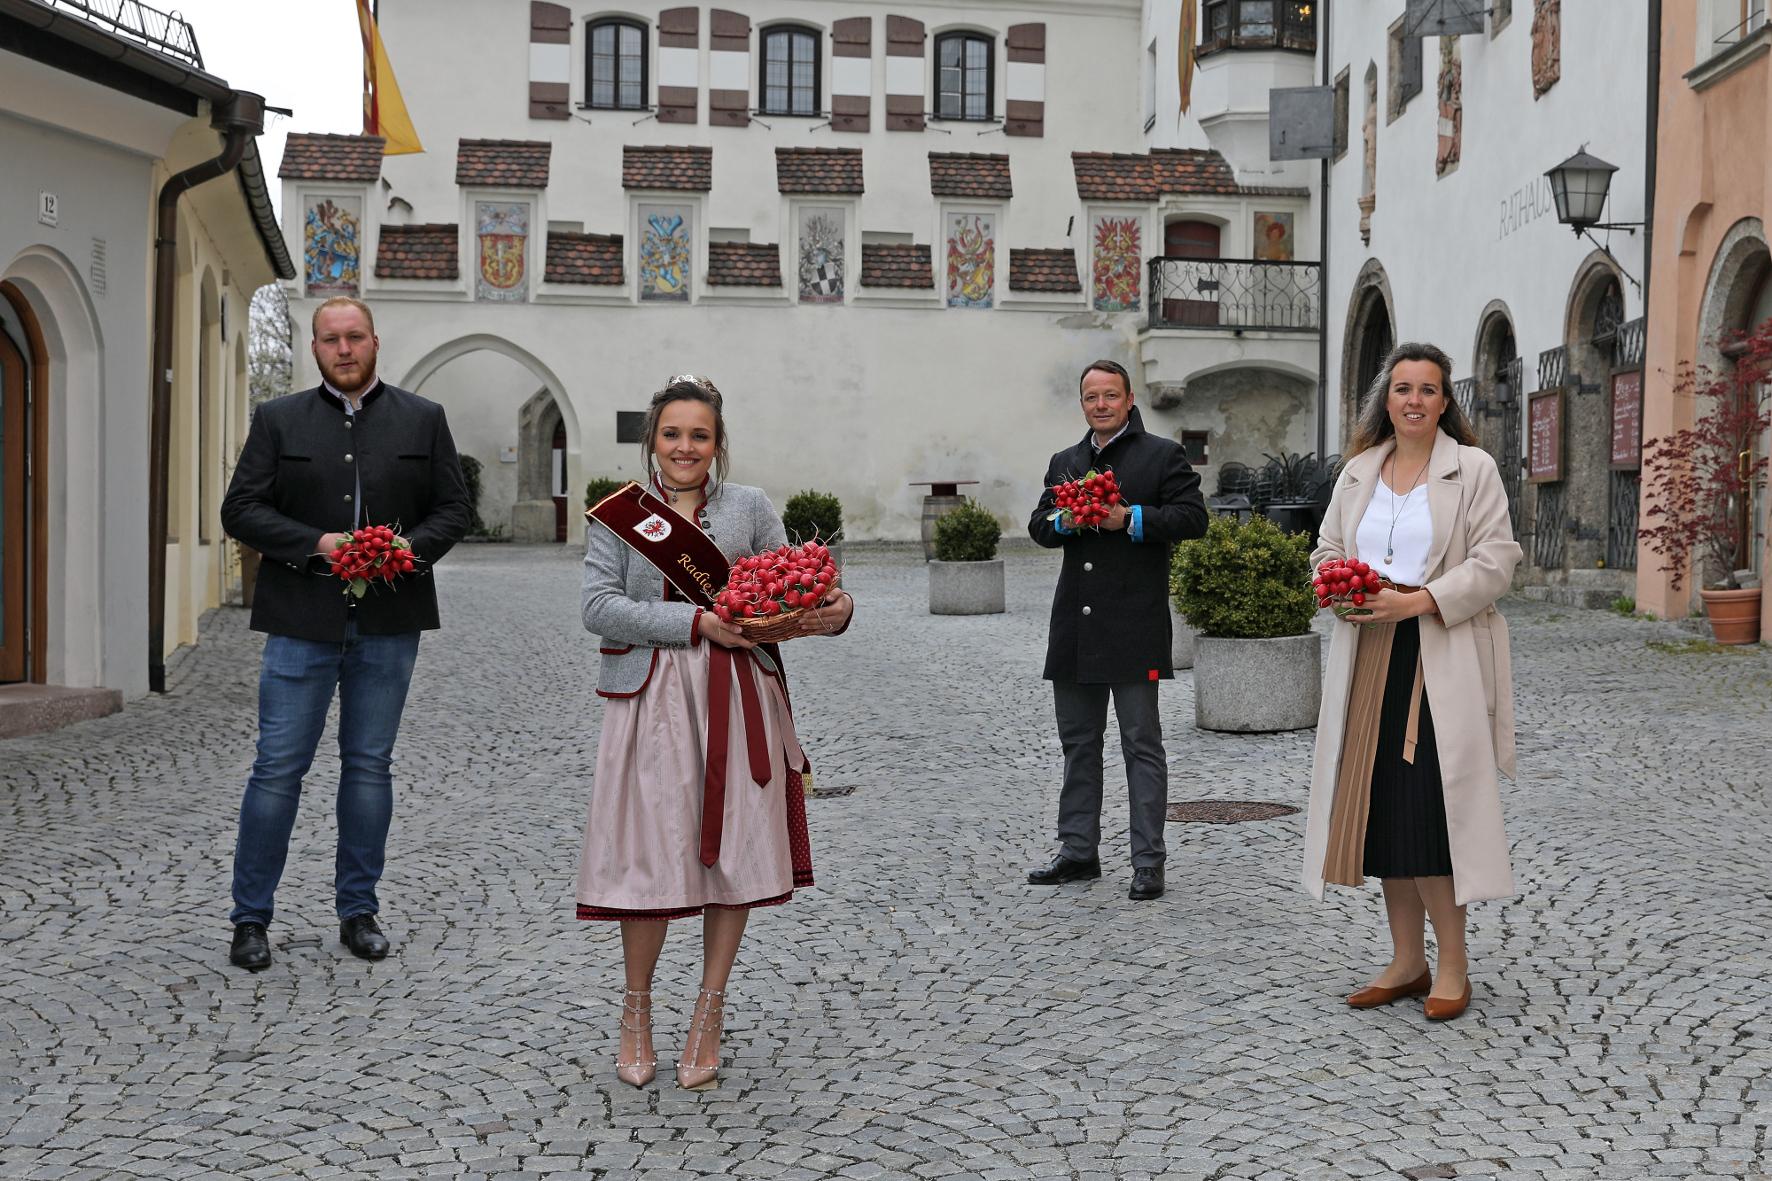 Radieschenfest Hall – Jubiläum erst im Frühjahr 2022